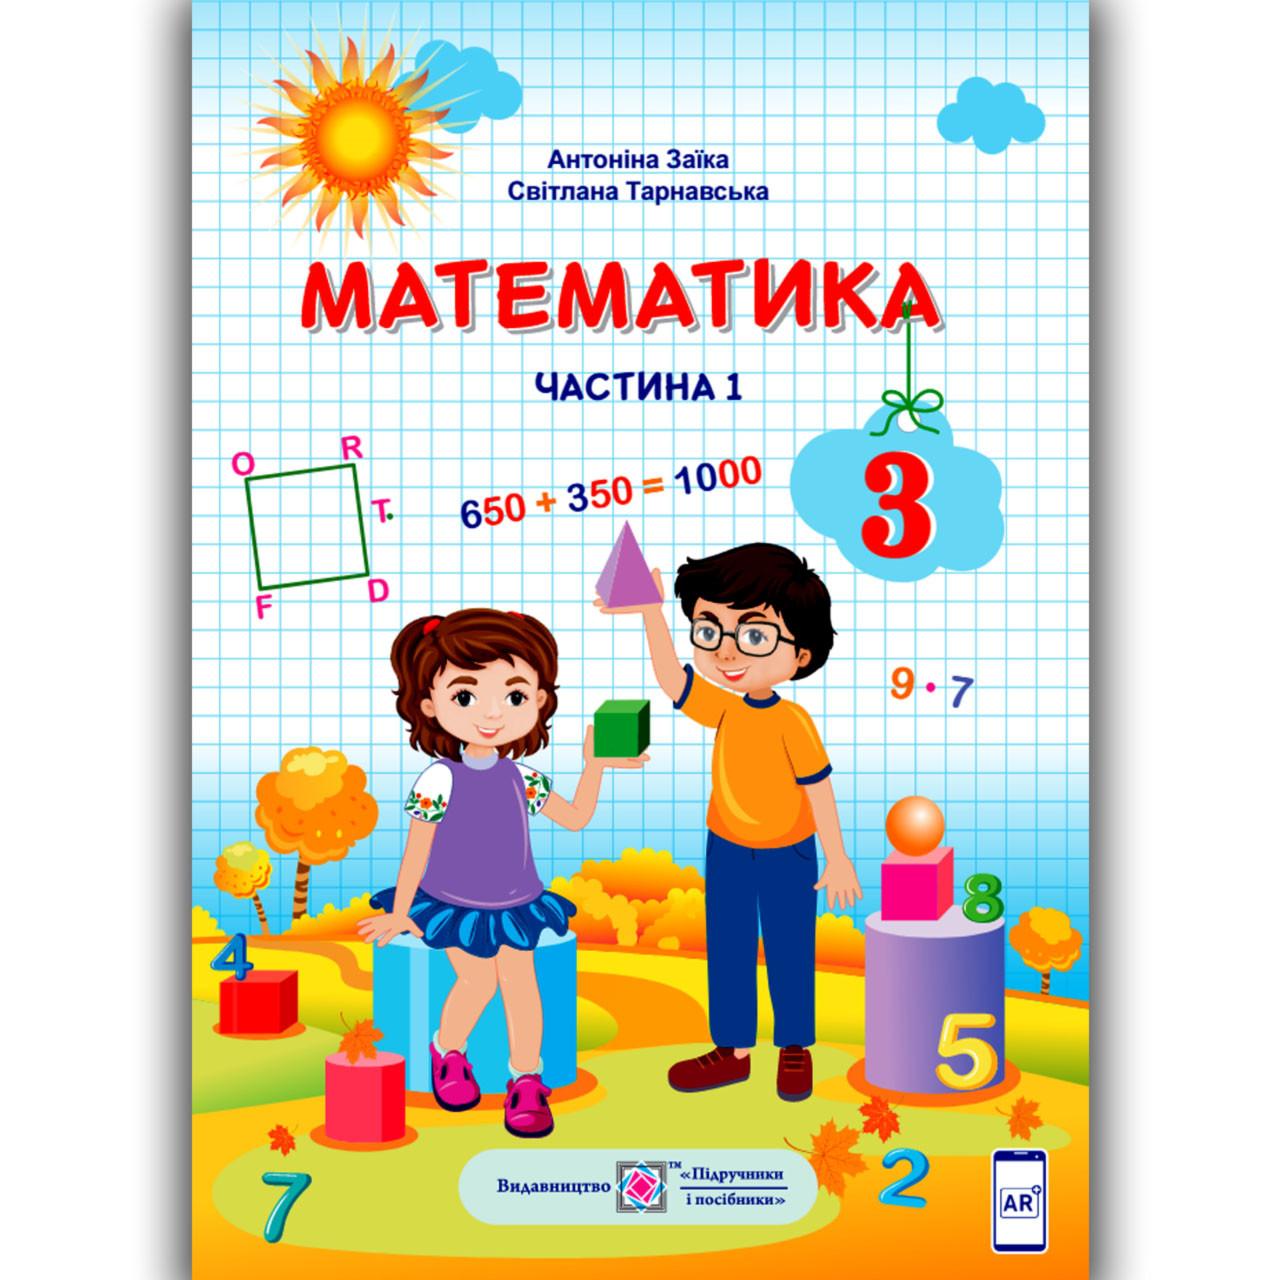 Підручник Математика 3 клас Частина 1 Авт: Заїка А. Вид: Підручники і Посібники